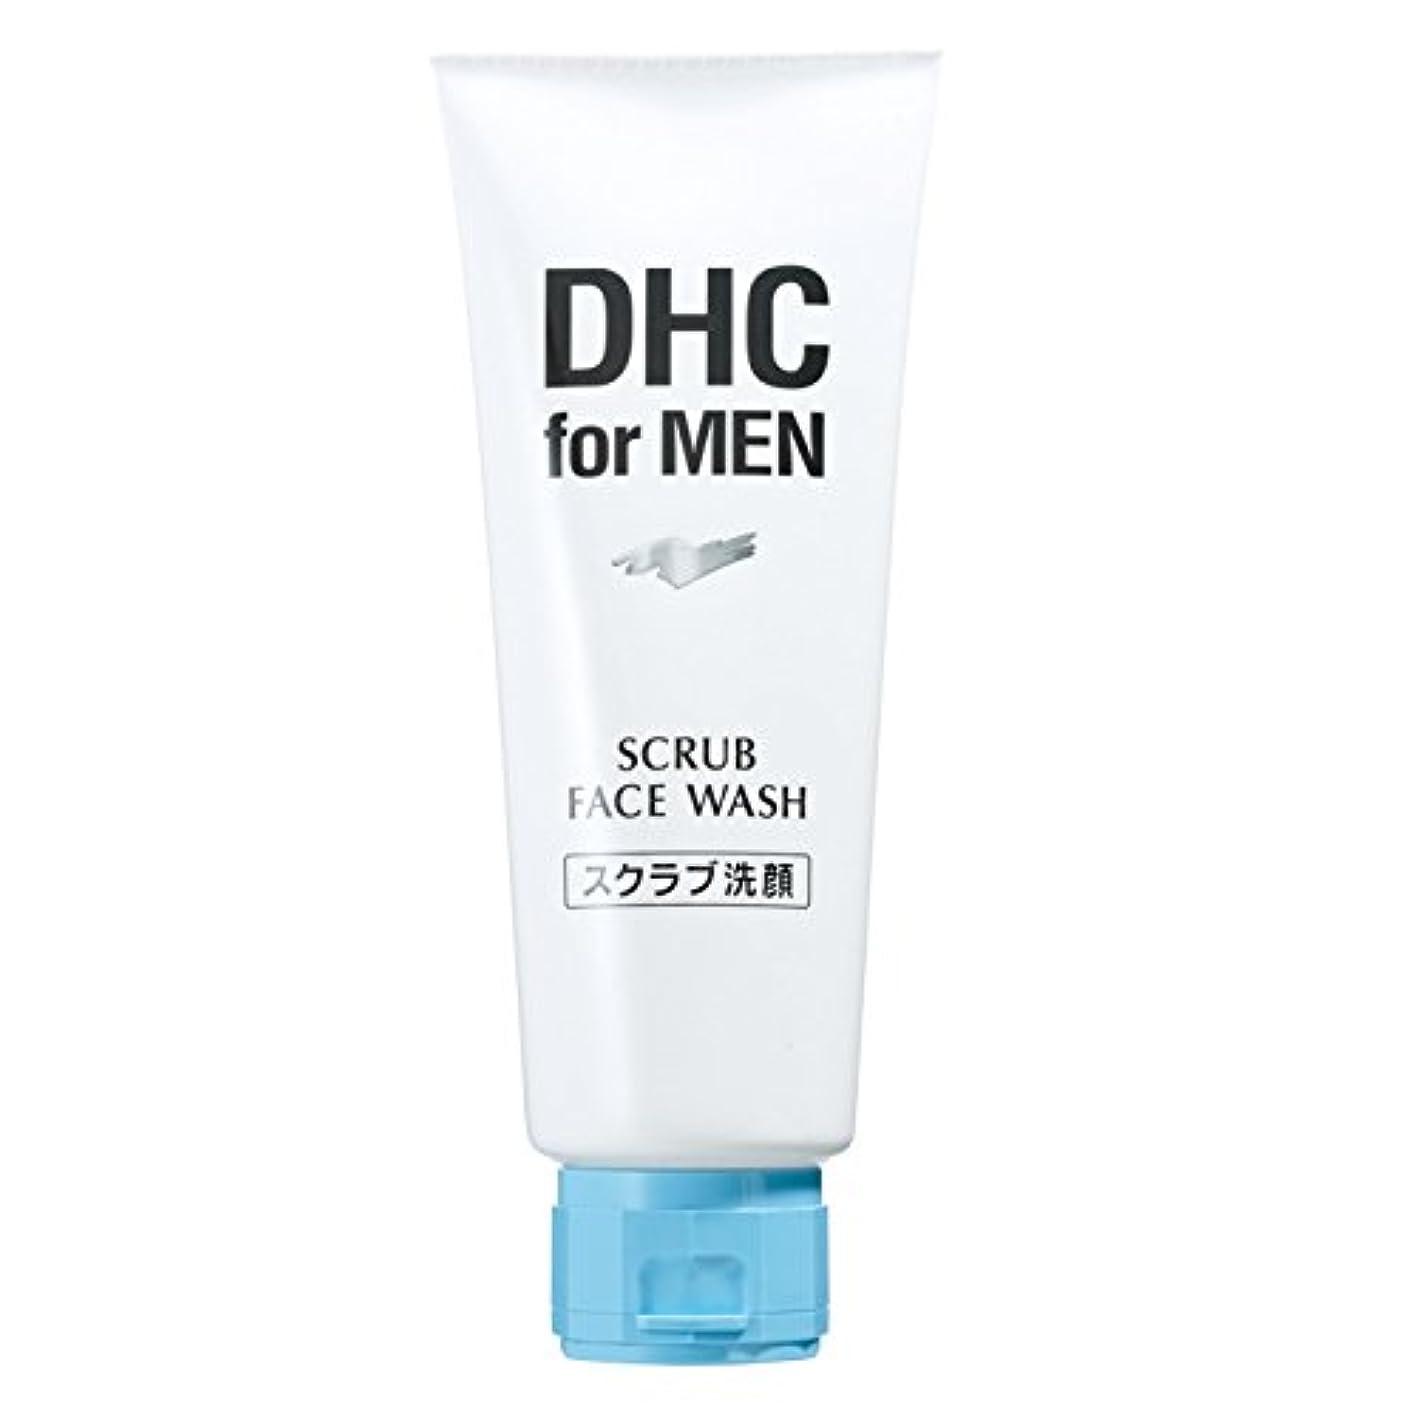 したい魅惑的な登るDHC スクラブ フェース ウォッシュ 【DHC for MEN】